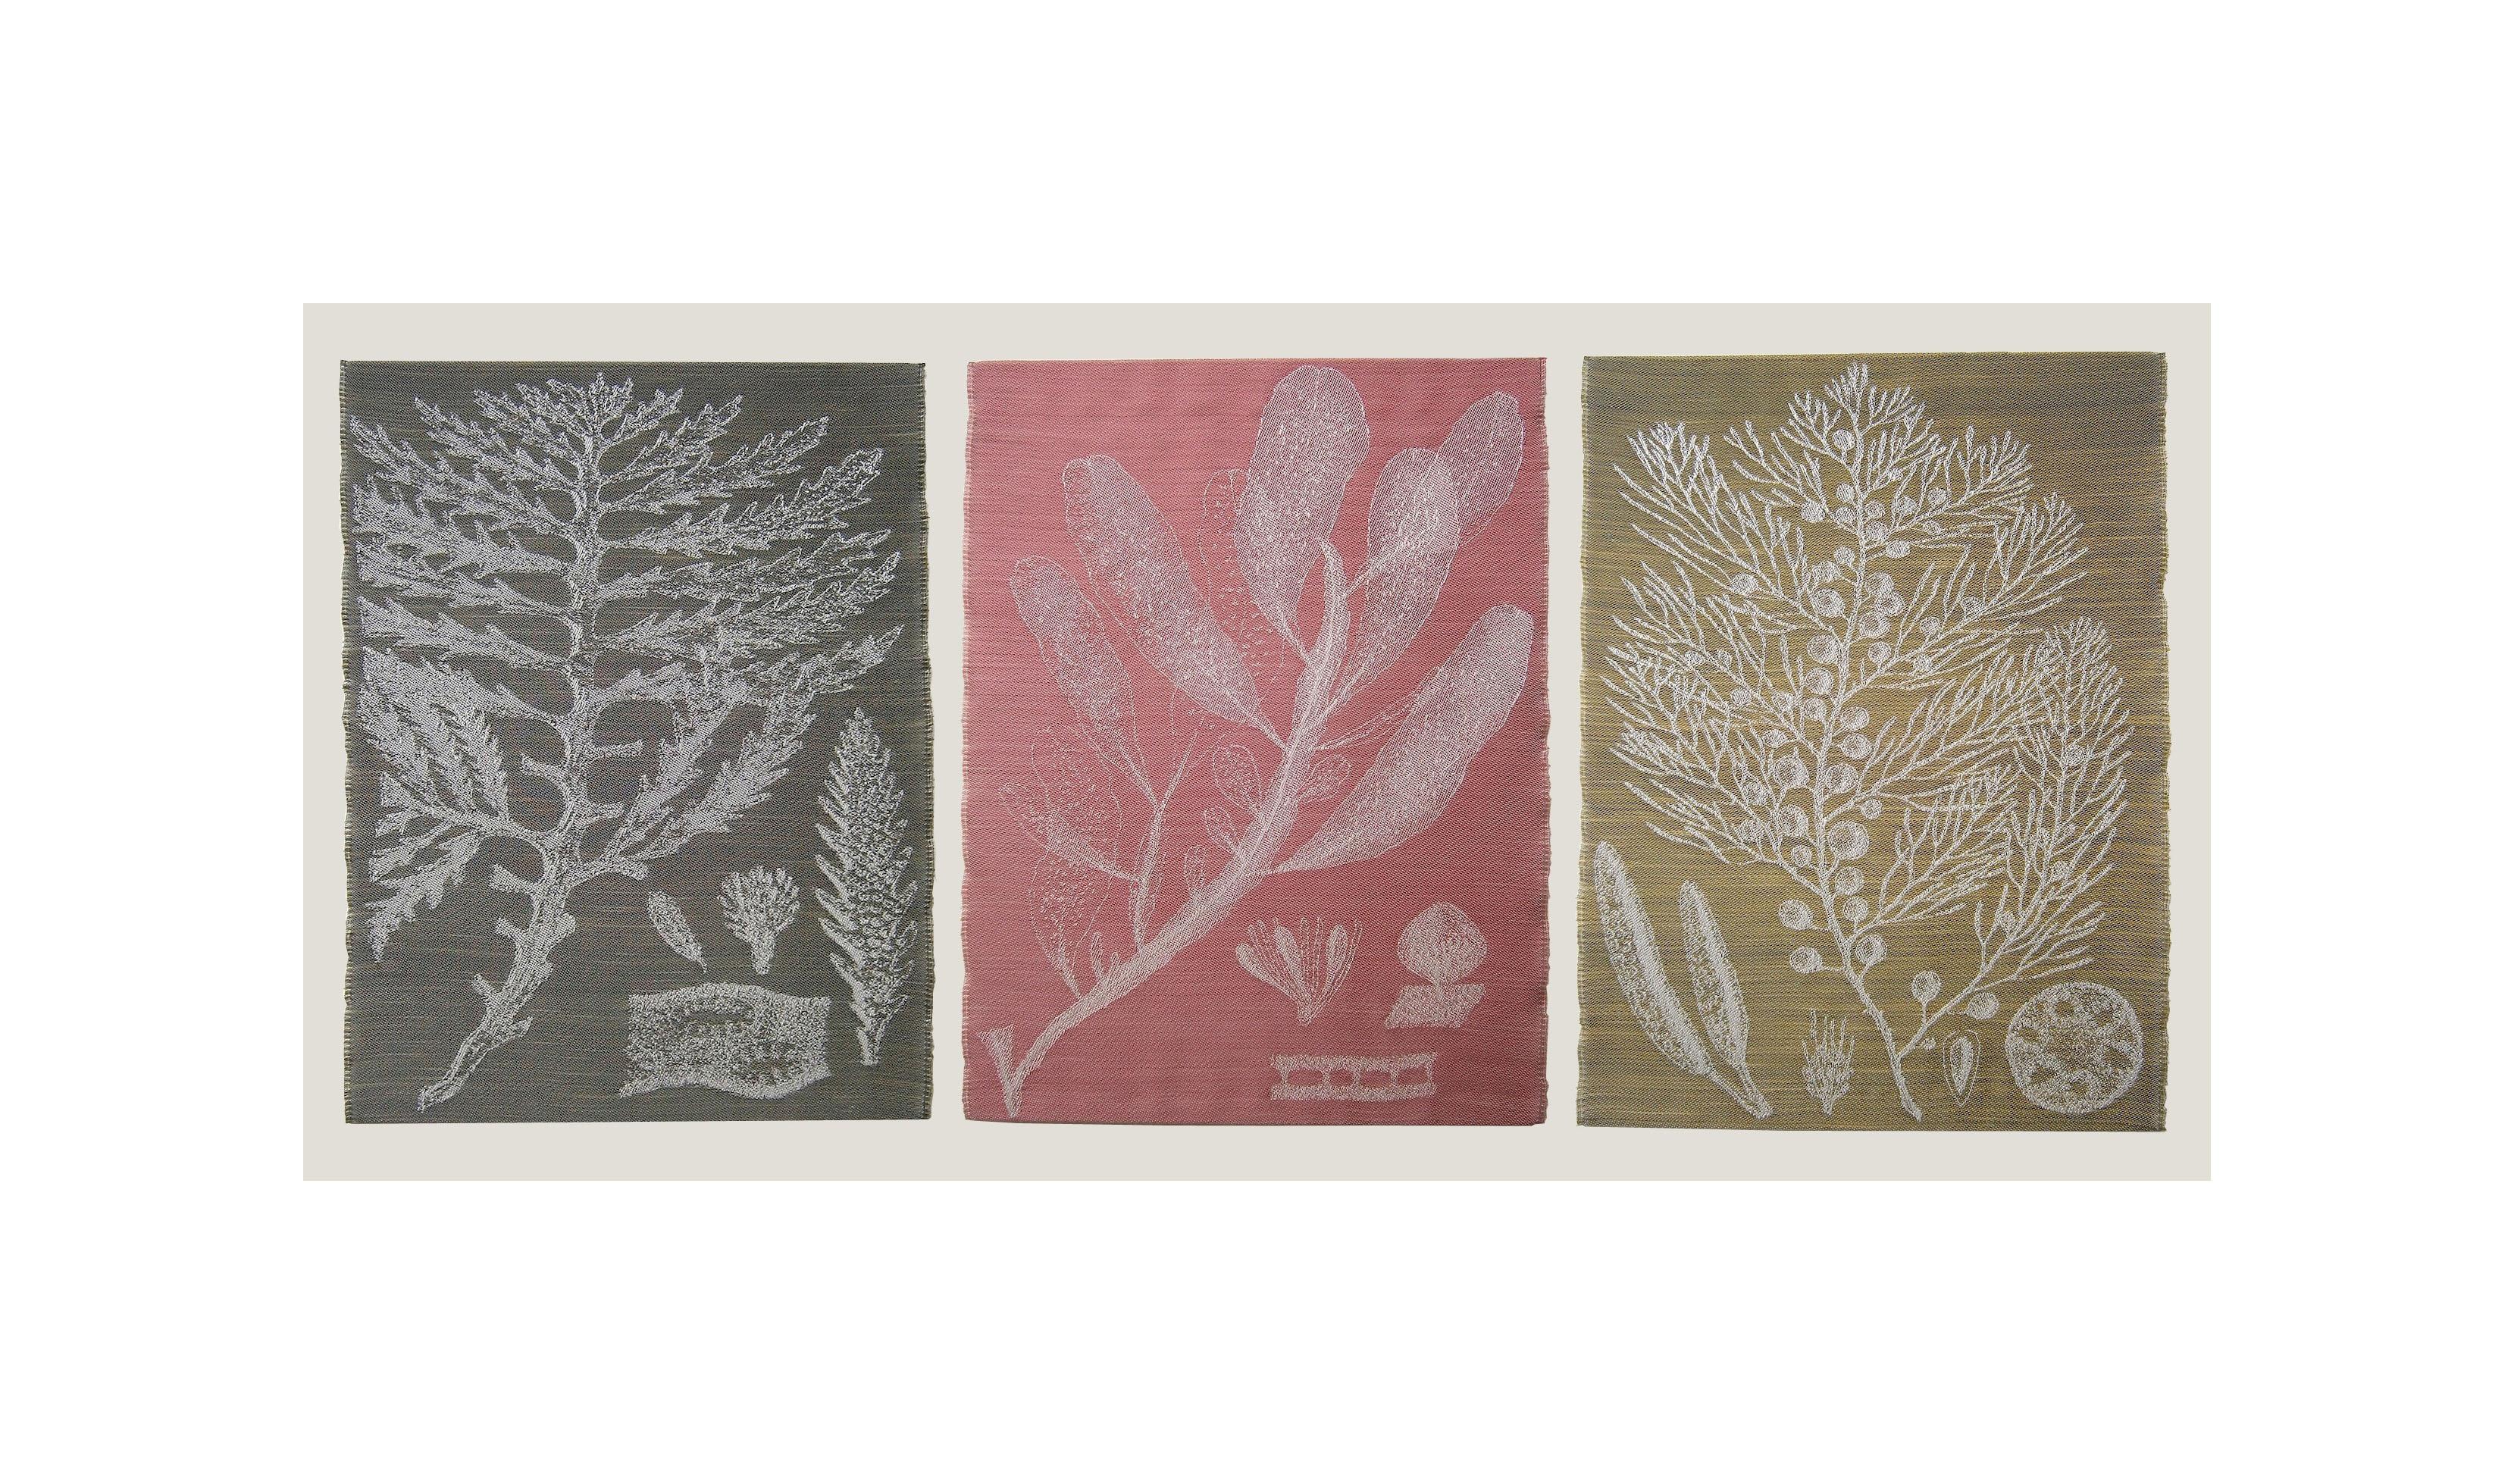 Flora Folio design on Fbaric